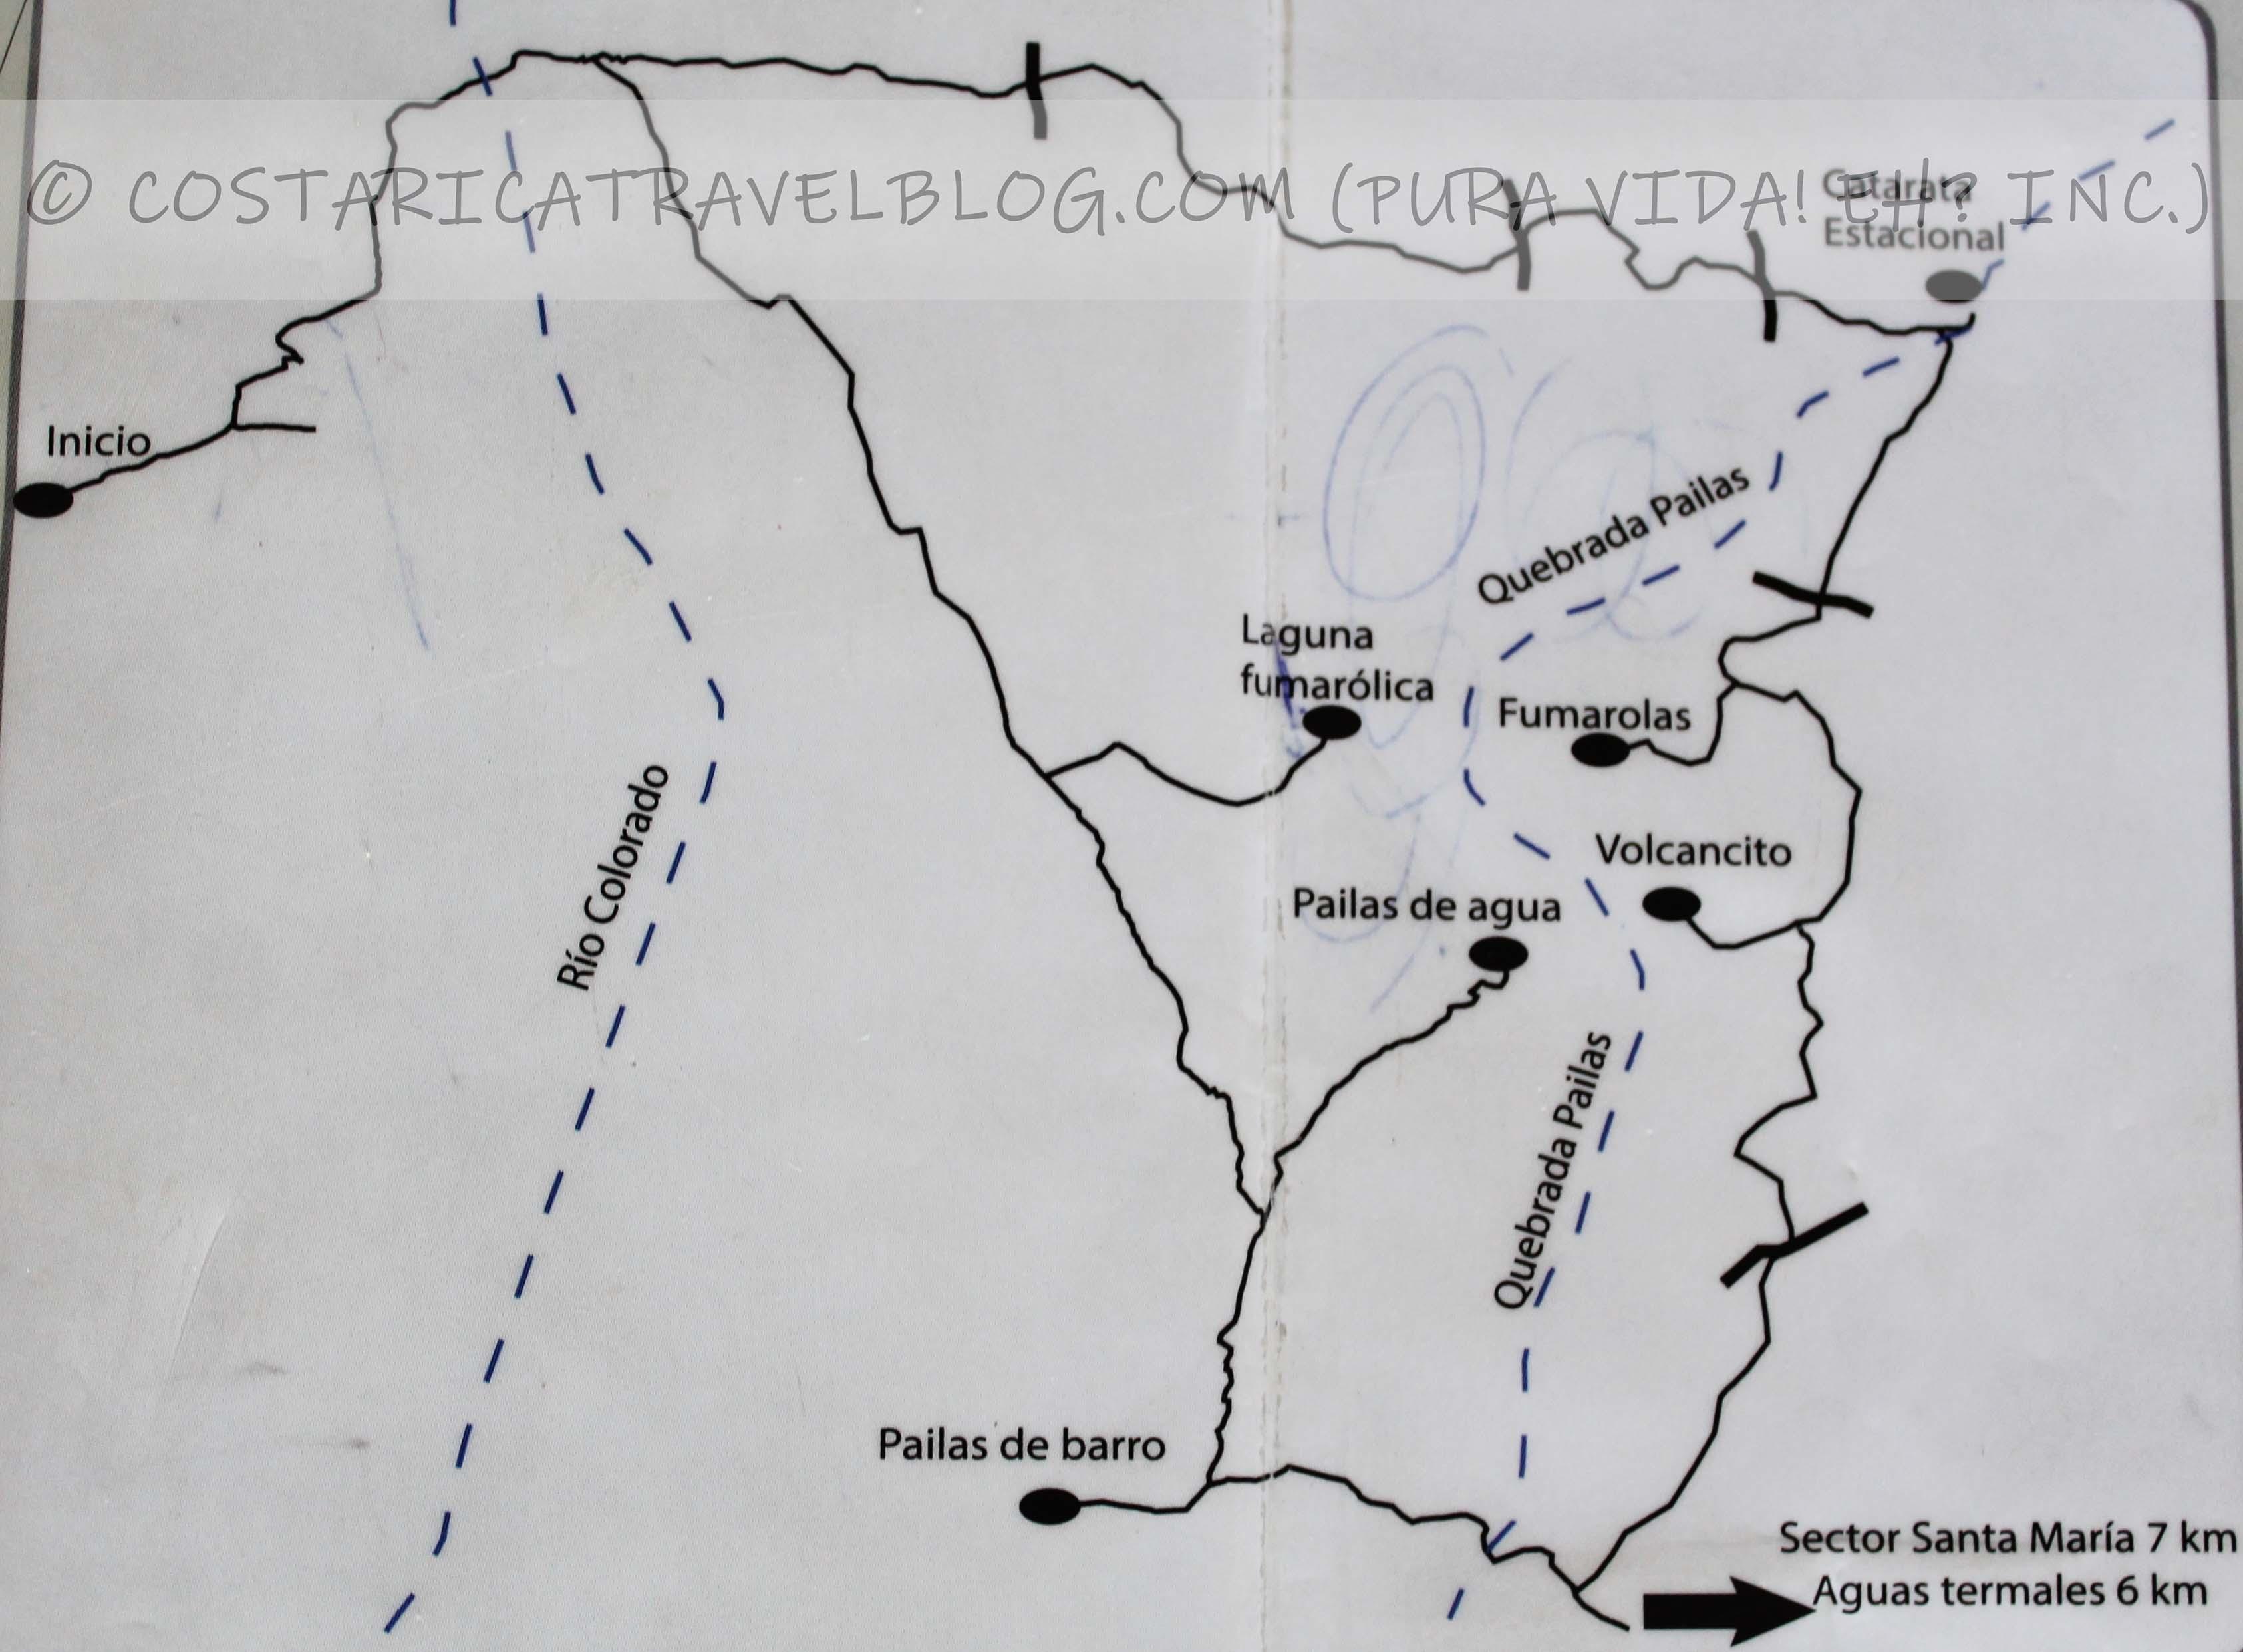 Rincon de la Vieja National Park Trail Map (Las Pailas)